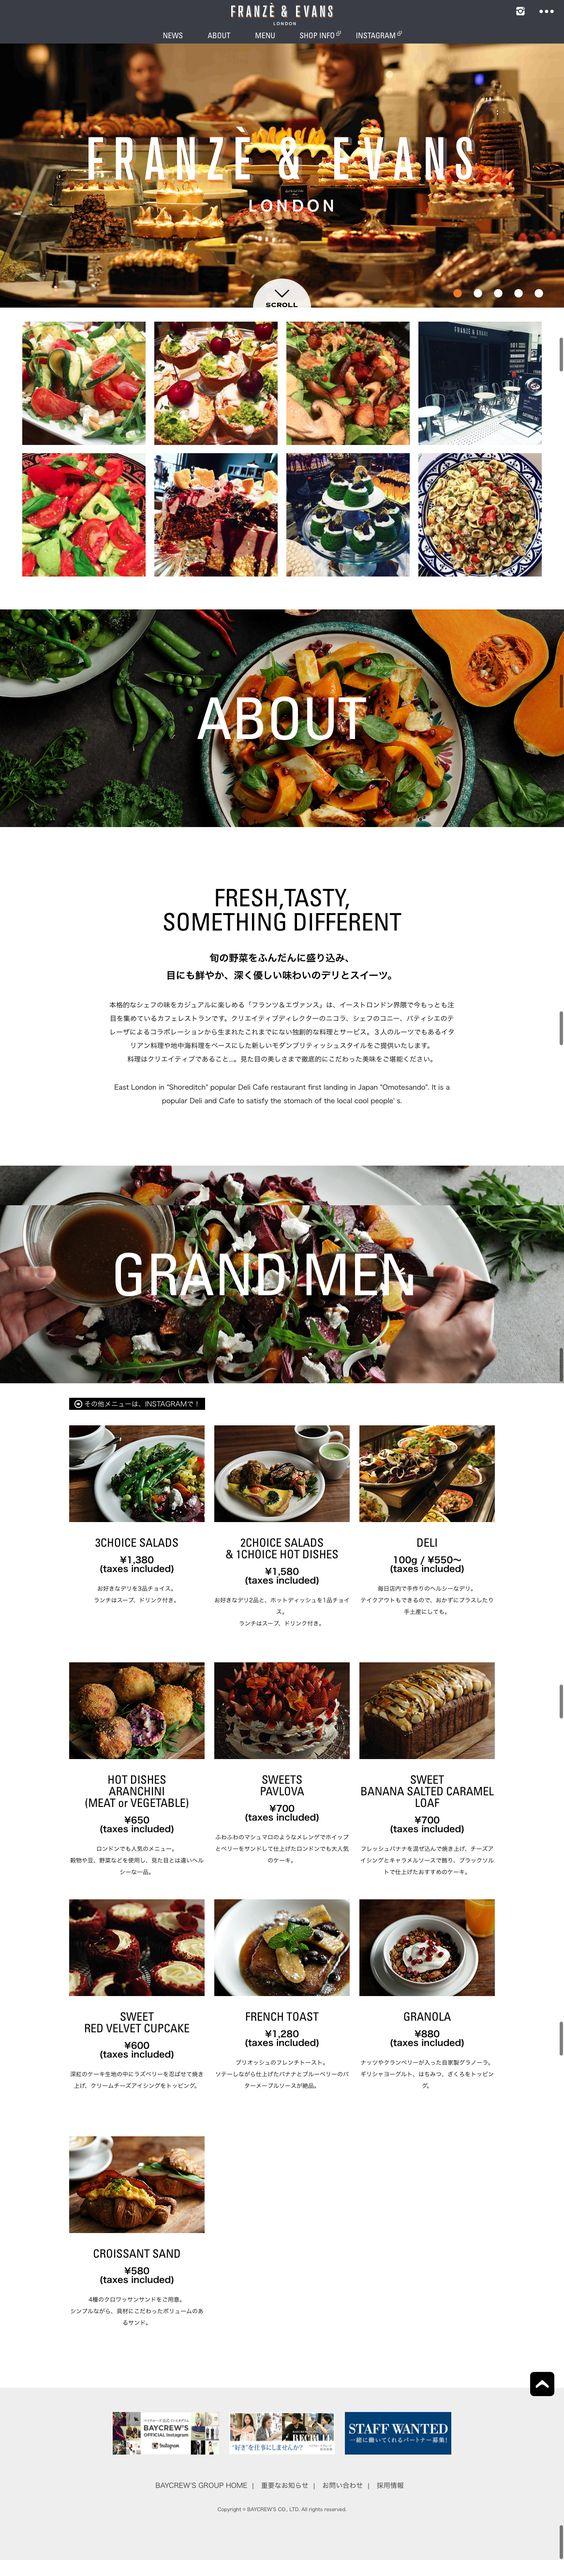 ◆FRANZE & EVANS LONDON(フランツ アンド エヴァンス ロンドン)  ・ロンドンで人気 No.1の デリカフェ。  ・日本上陸したそうでその日本語HP  ・背景ベースが白で、全体のレイアウトが写真も四角とかで全体的にシンプルでみやすいなと感じた。 ・SNSがinstagramに絞ってアピールしている点も興味深いなと思った。 ・本場サイトは全然雰囲気が違う→http://www.franzeevans.com/